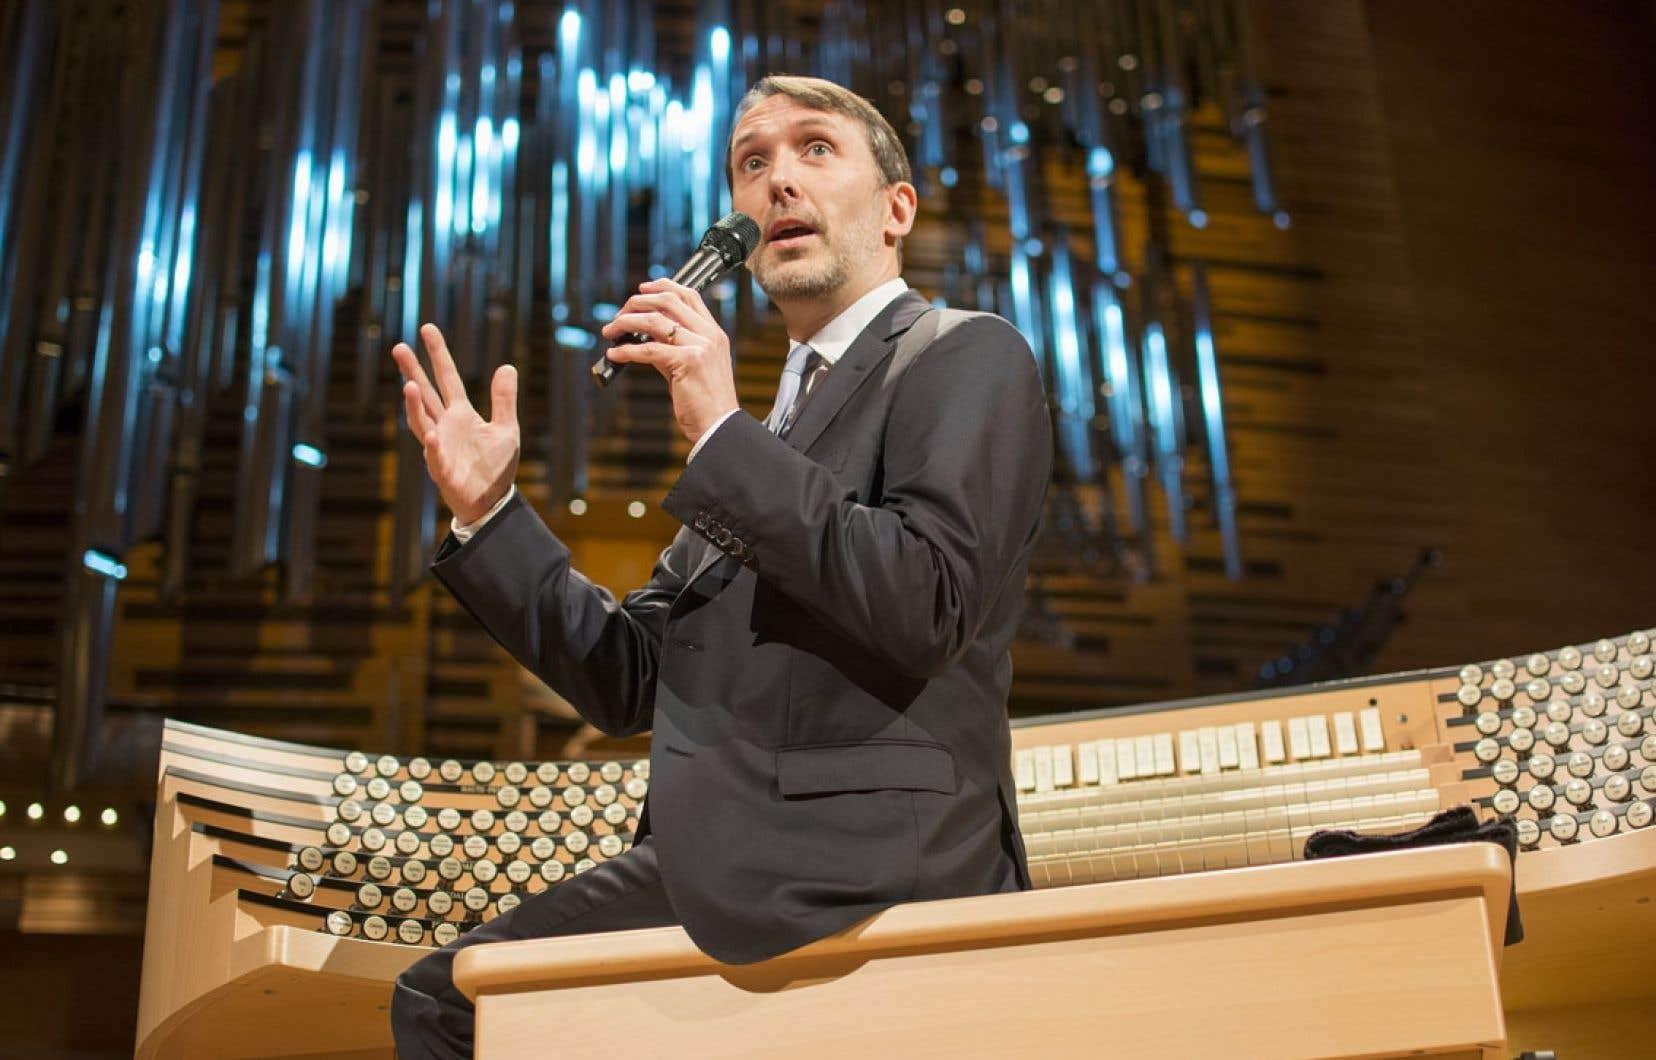 L'organiste émérite de l'OSM, Olivier Latry, dit avoir travaillé durement pour faire de cet orgue un instrument «viril» et polyvalent, adapté au jeu d'un orchestre.